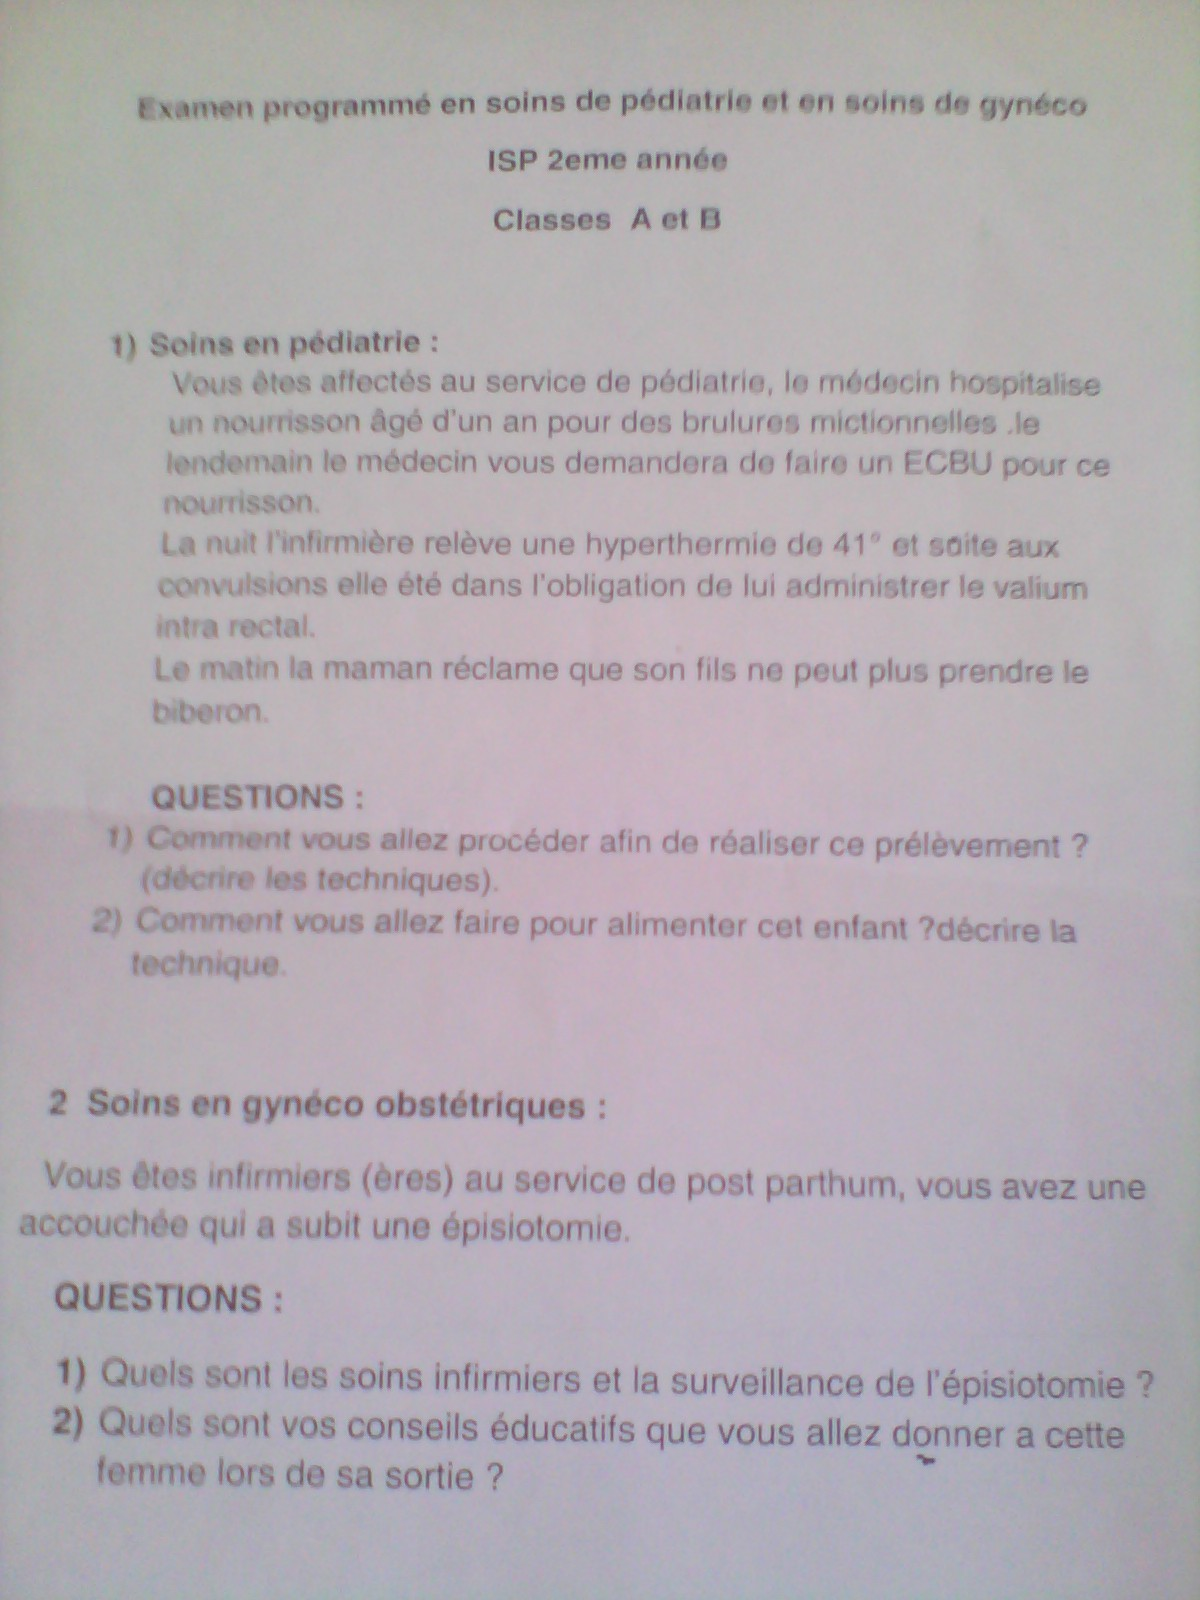 soins en pédiatrie+soins en généco)sujet d'examen pour les ISP 2ème année)  Img_2010